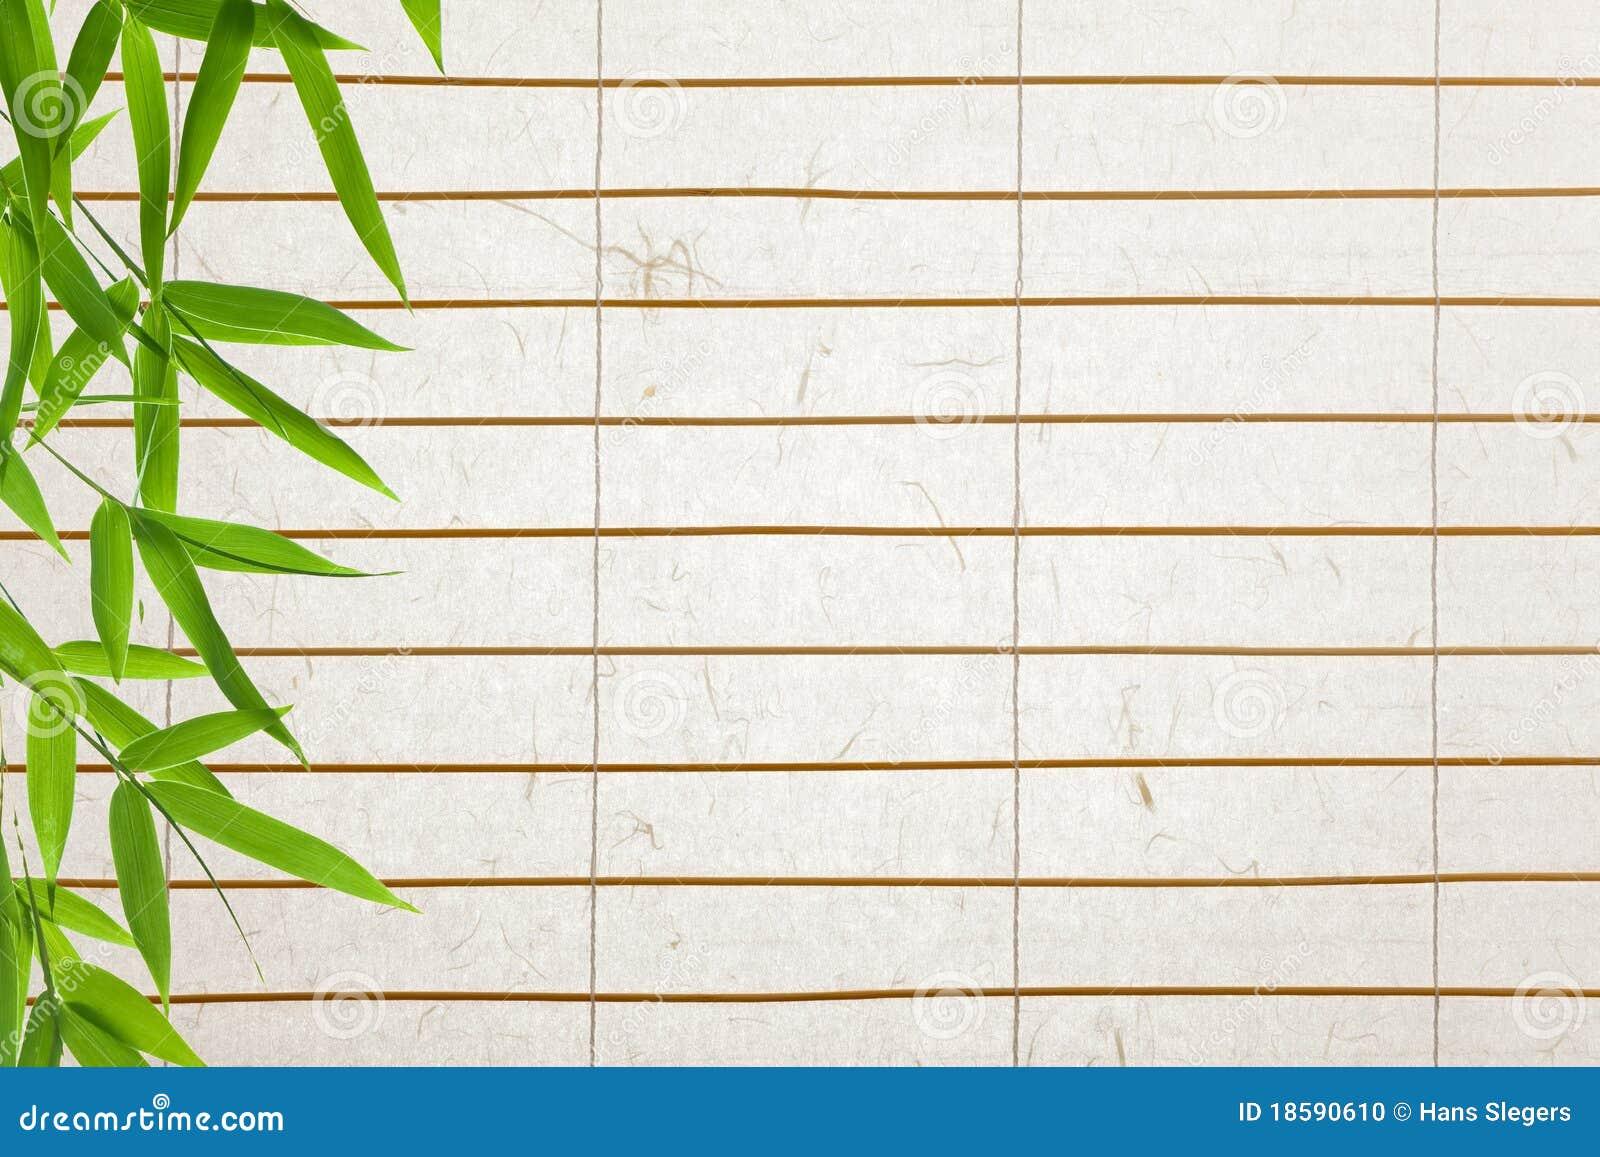 Fundo do papel de arroz com folhas de bambu foto de stock - Cortina de bambu ...